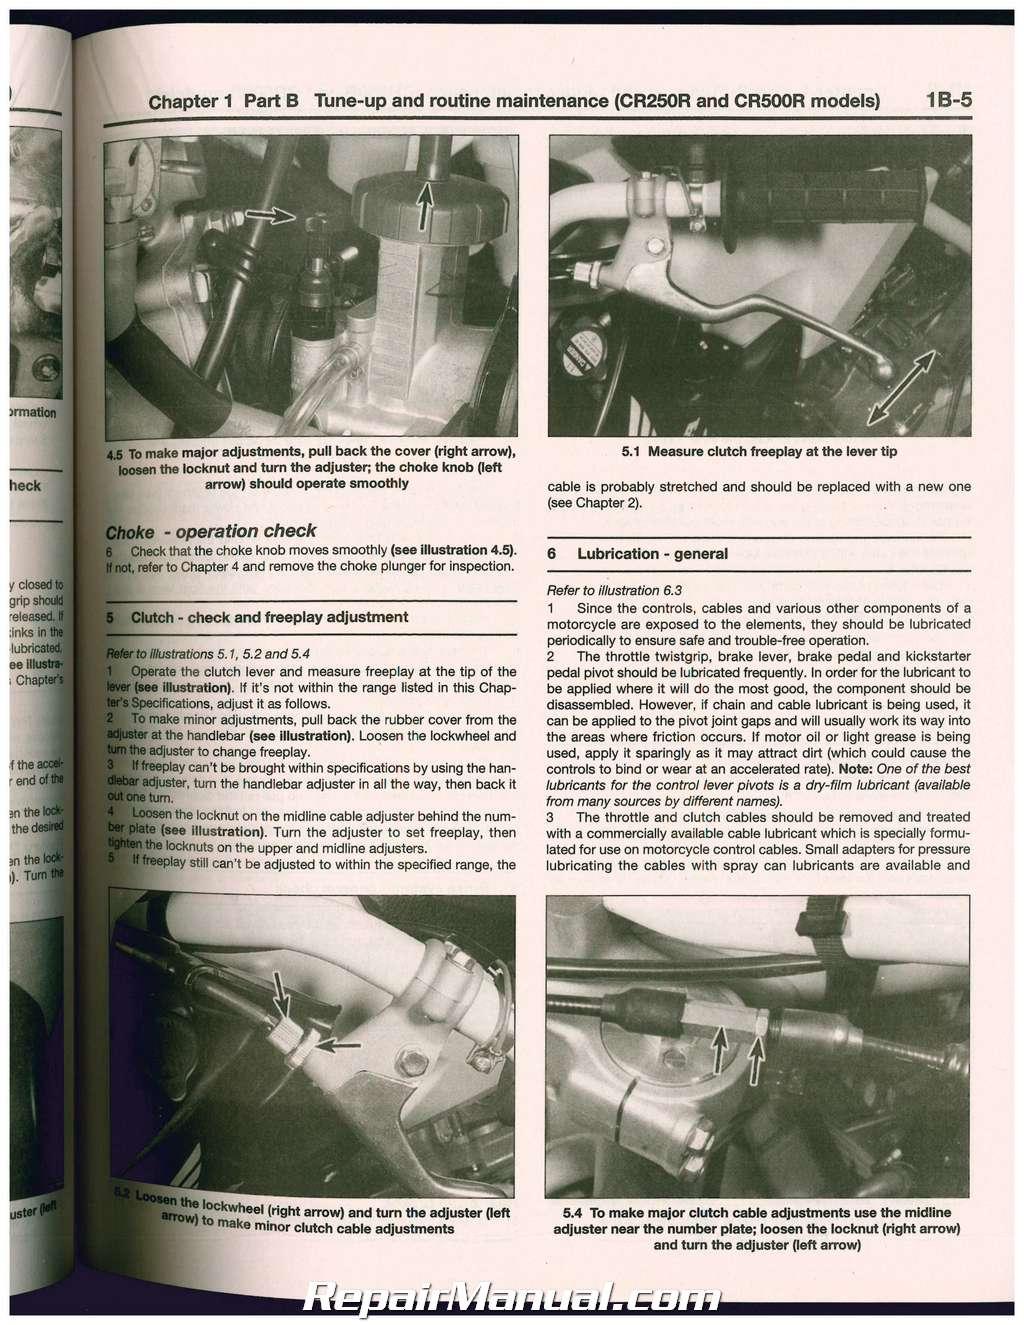 1988 Cr80 Manual